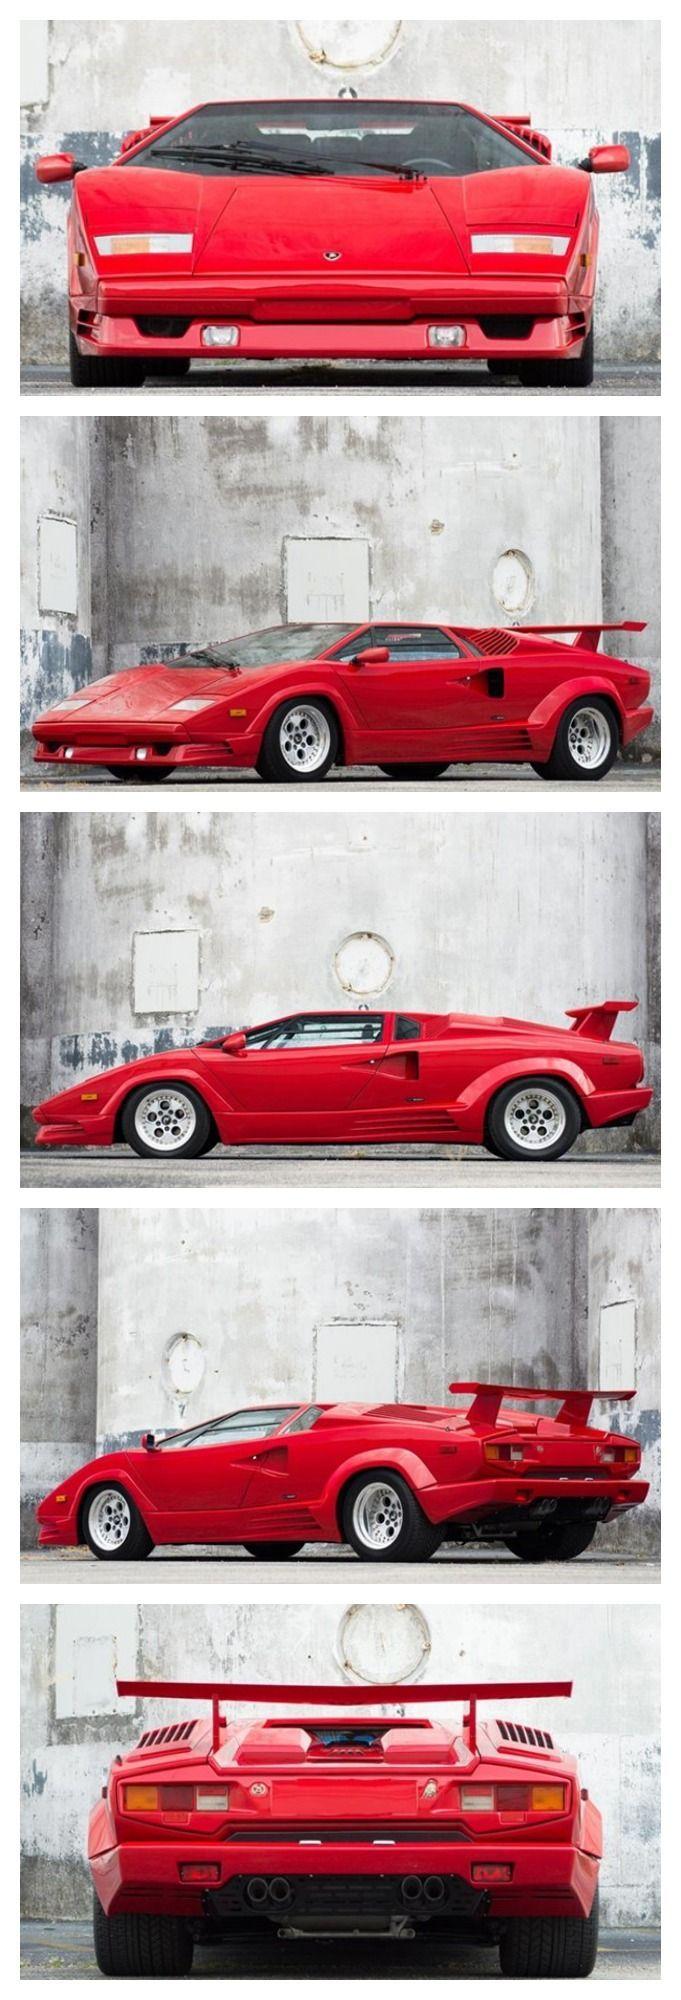 25th Anniversary edition Lamborghini Countach #Wild